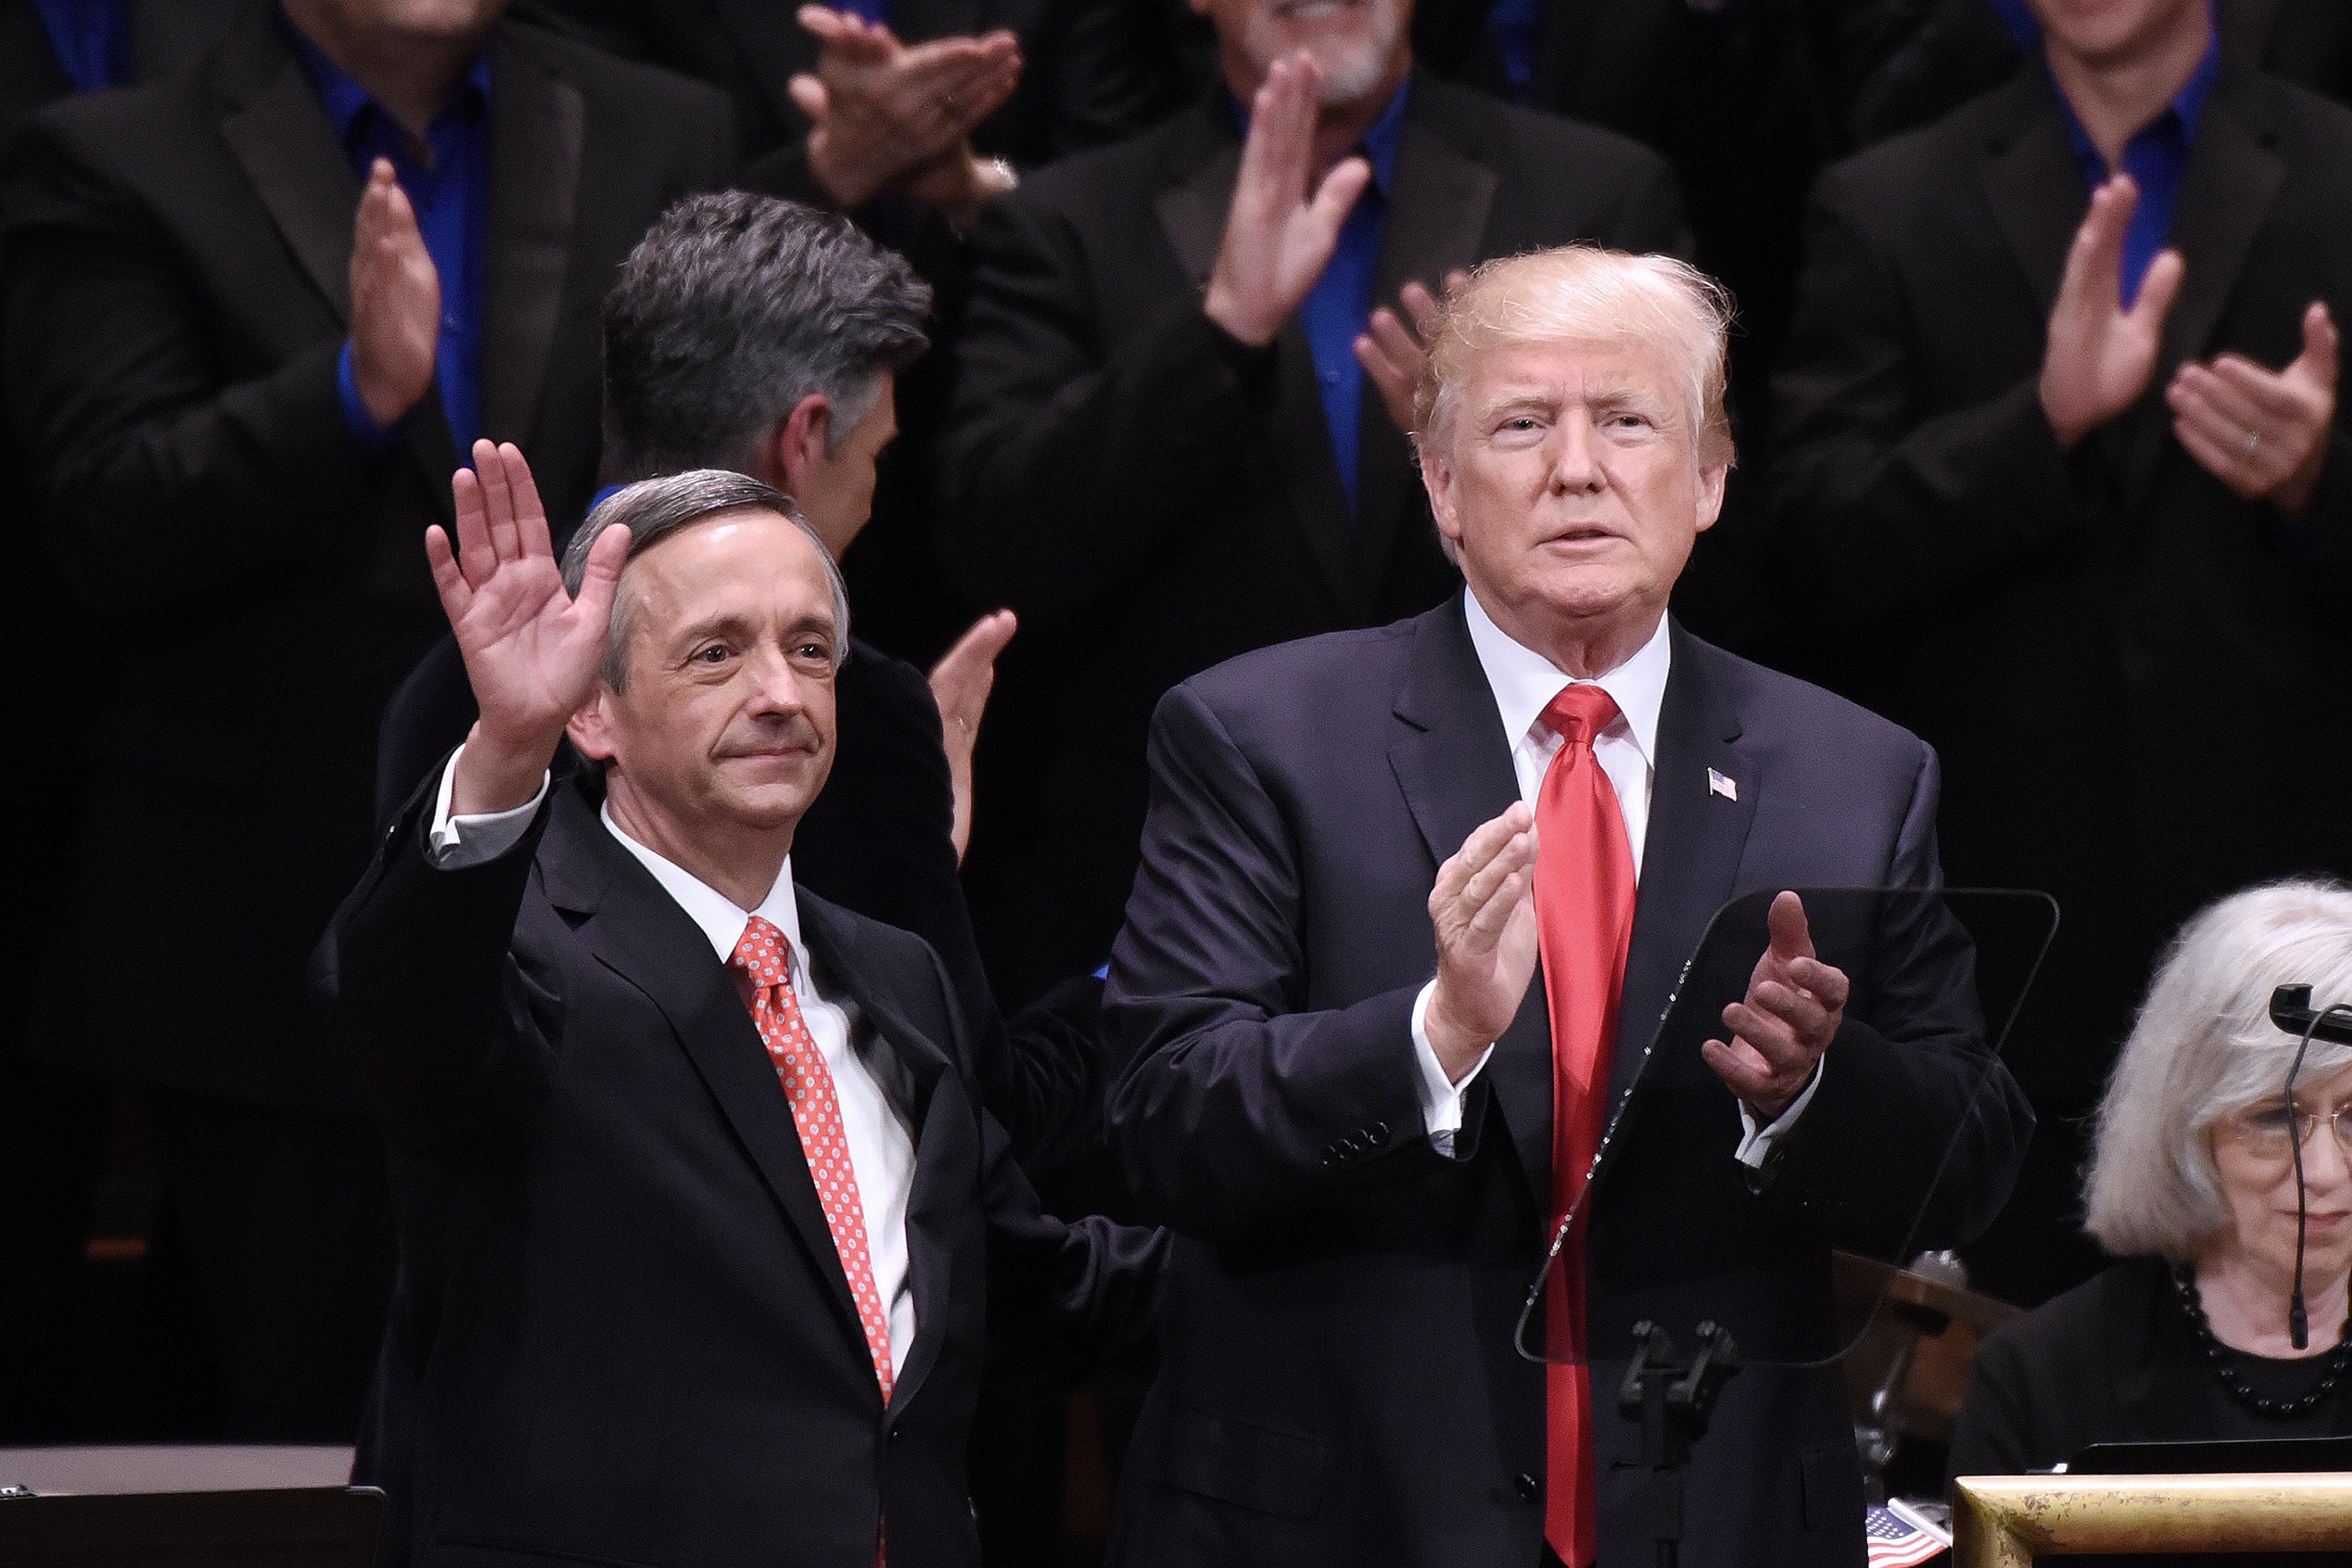 미국 목사가 트럼프를 변호한 논리 : '천국에도 장벽이 있을